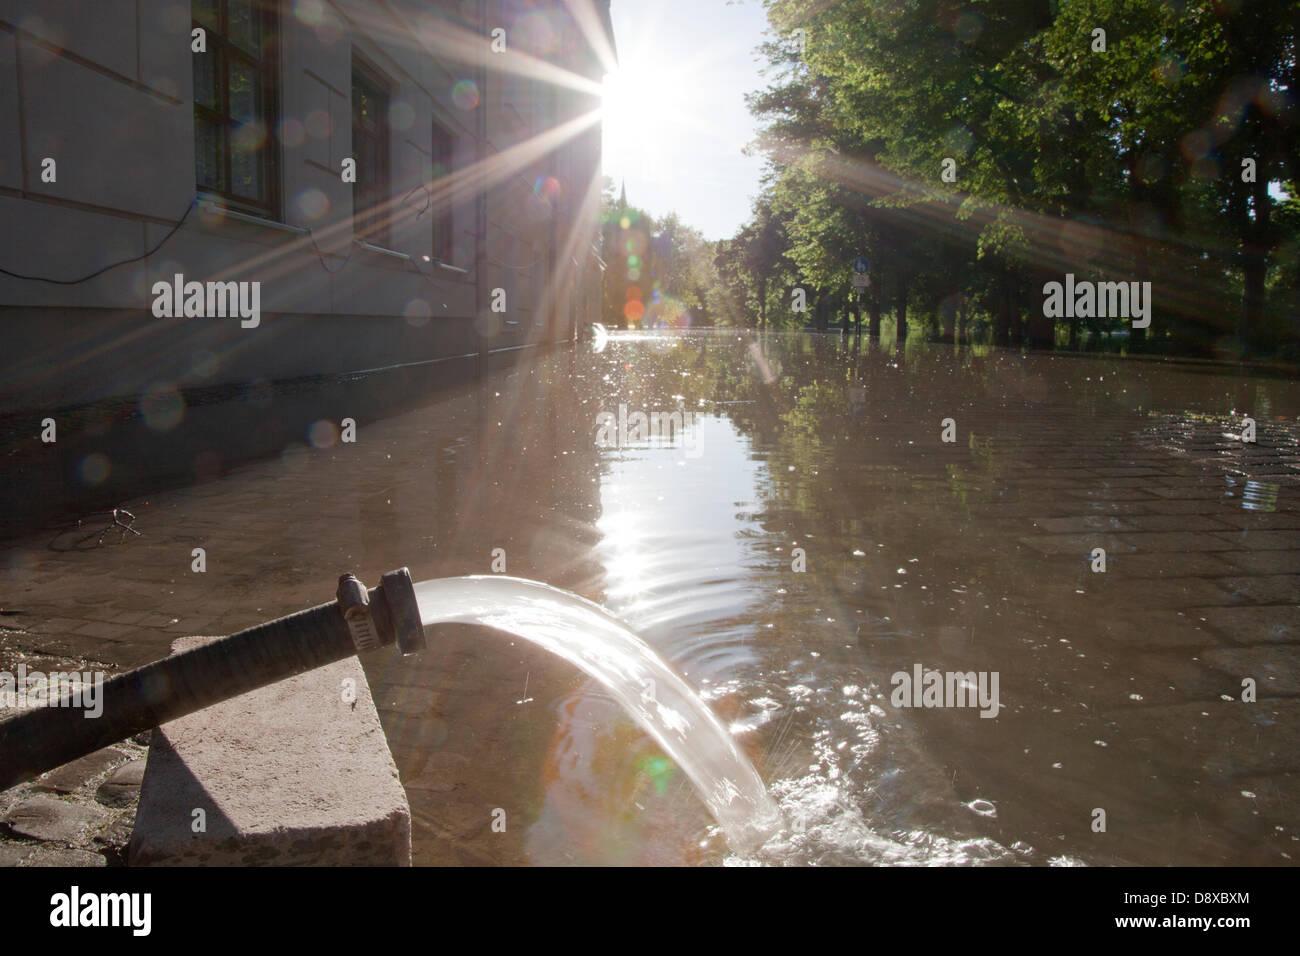 Hochwasser Saale Emil-Eichhorn-Strasse Halle Saale Sachsen-Anhalt Deutschland Saxony-Anhalt Germany Fluss deutsche - Stock Image